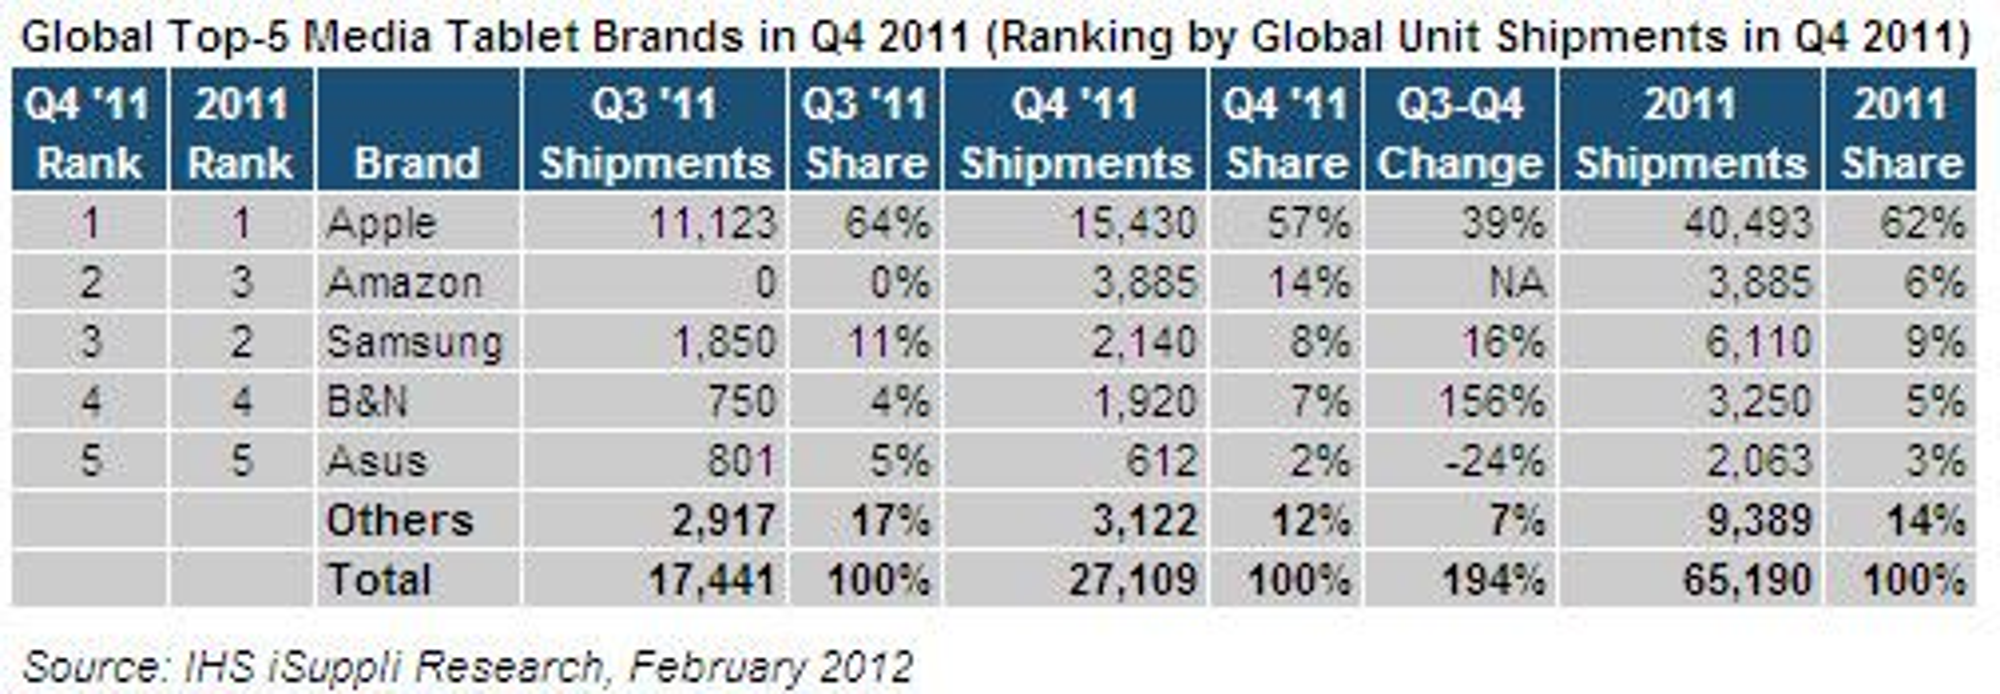 digi.no har gjort iSuppli oppmerksom på regnefeilen i nederste felt i kolonnen merket Q3-Q4 Change: Fra tredje kvartal til fjerde økte de globale leveransene med 55 prosent, ikke 194 prosent.